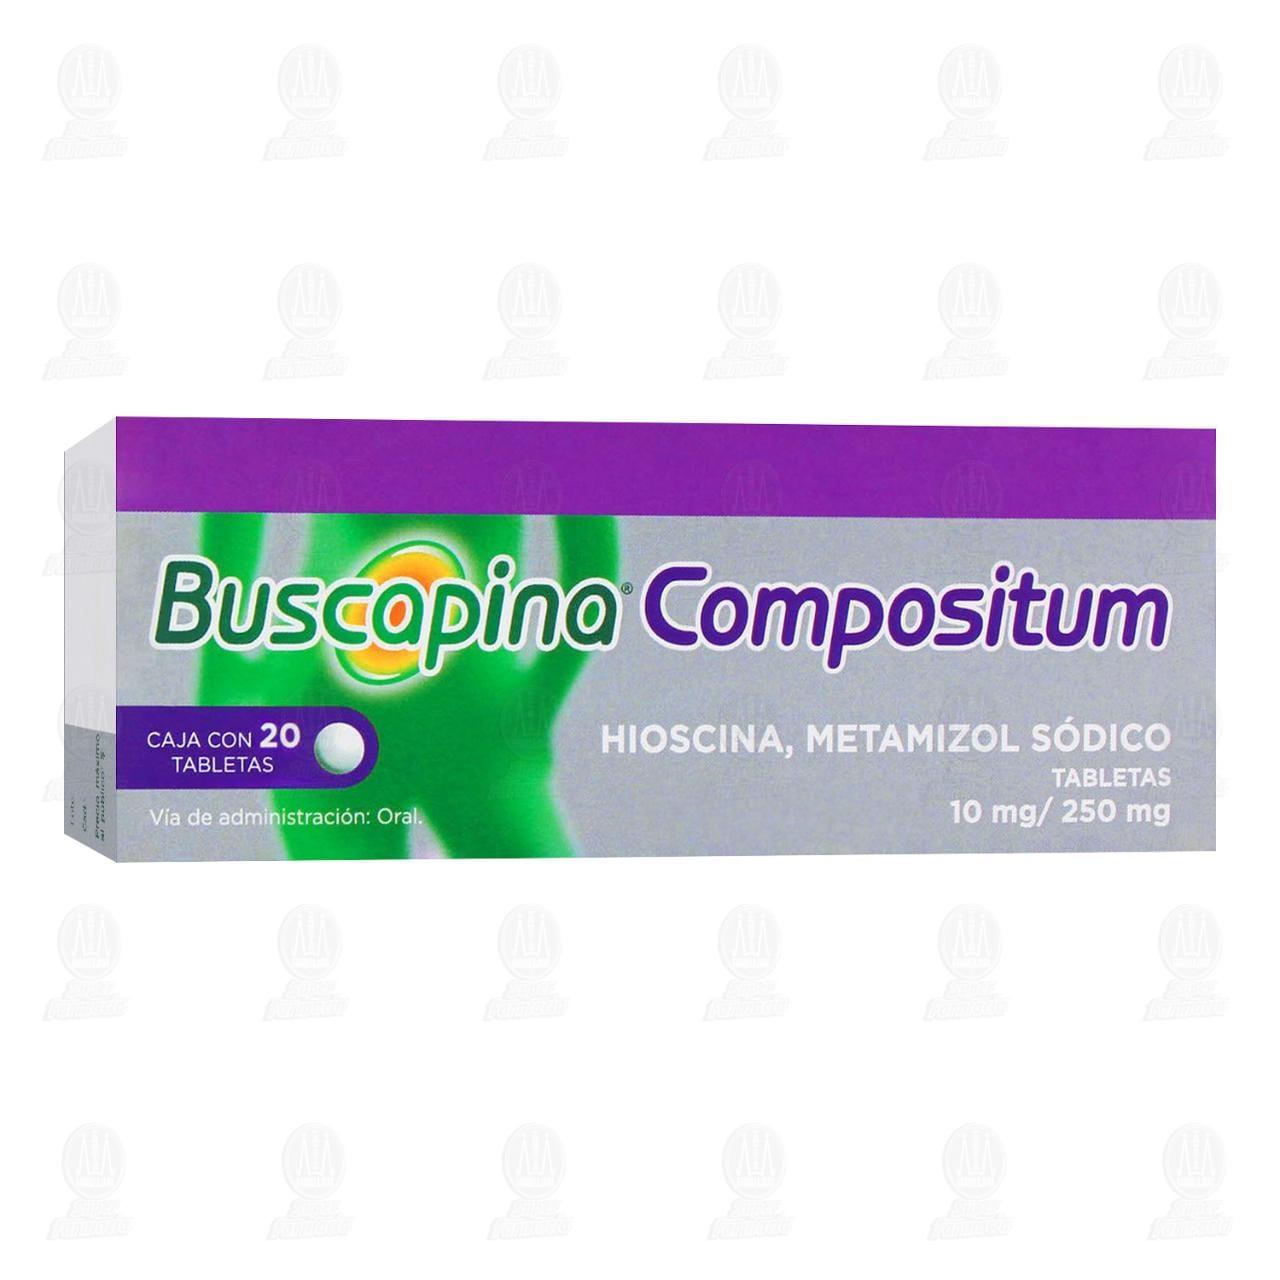 Comprar Buscapina Compositum 10mg/250mg 20 Tabletas en Farmacias Guadalajara